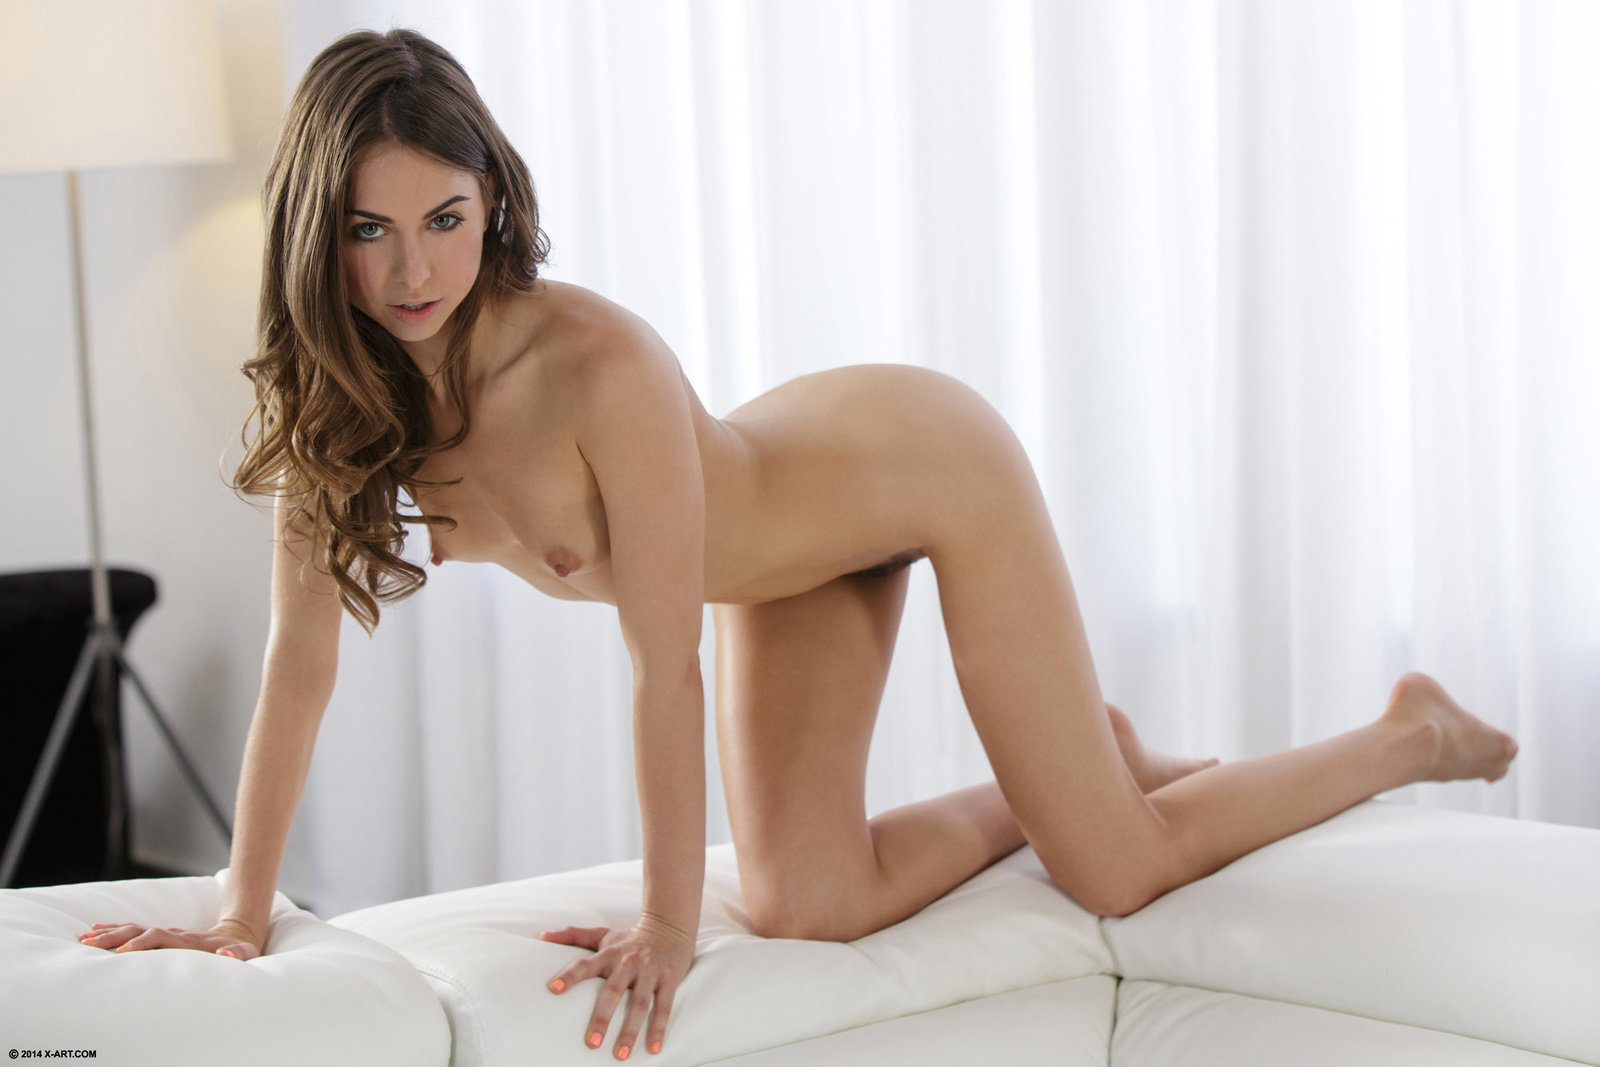 Tall Blonde Porn Star